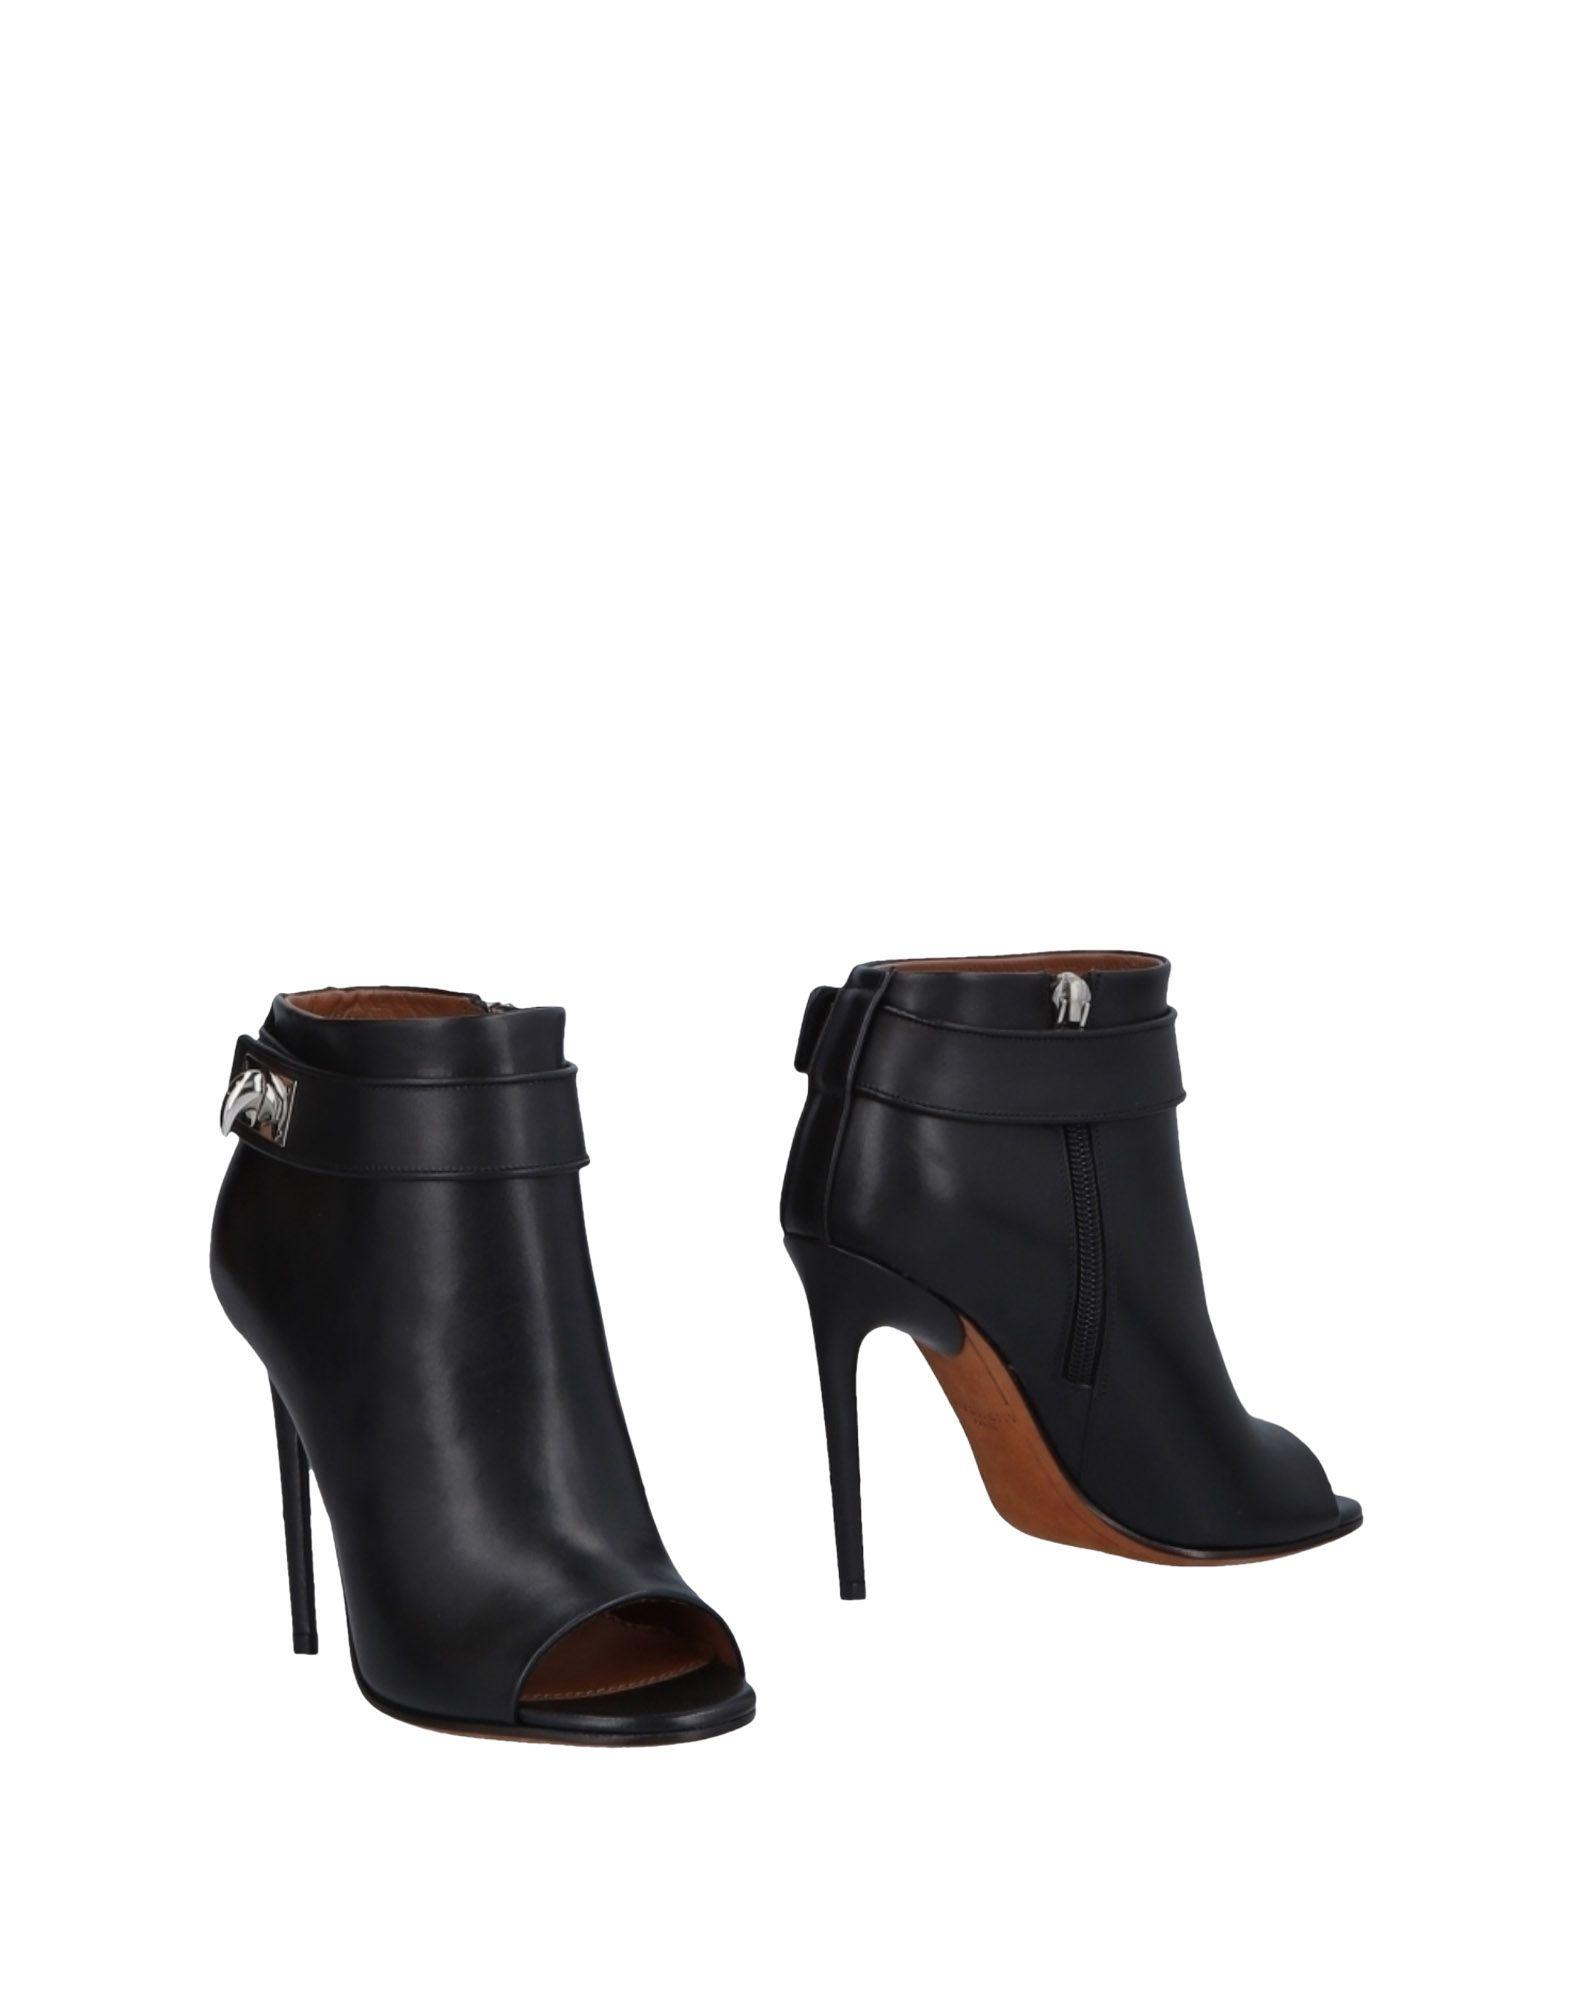 Stivaletti Givenchy Donna - 11475460XF Scarpe economiche e buone